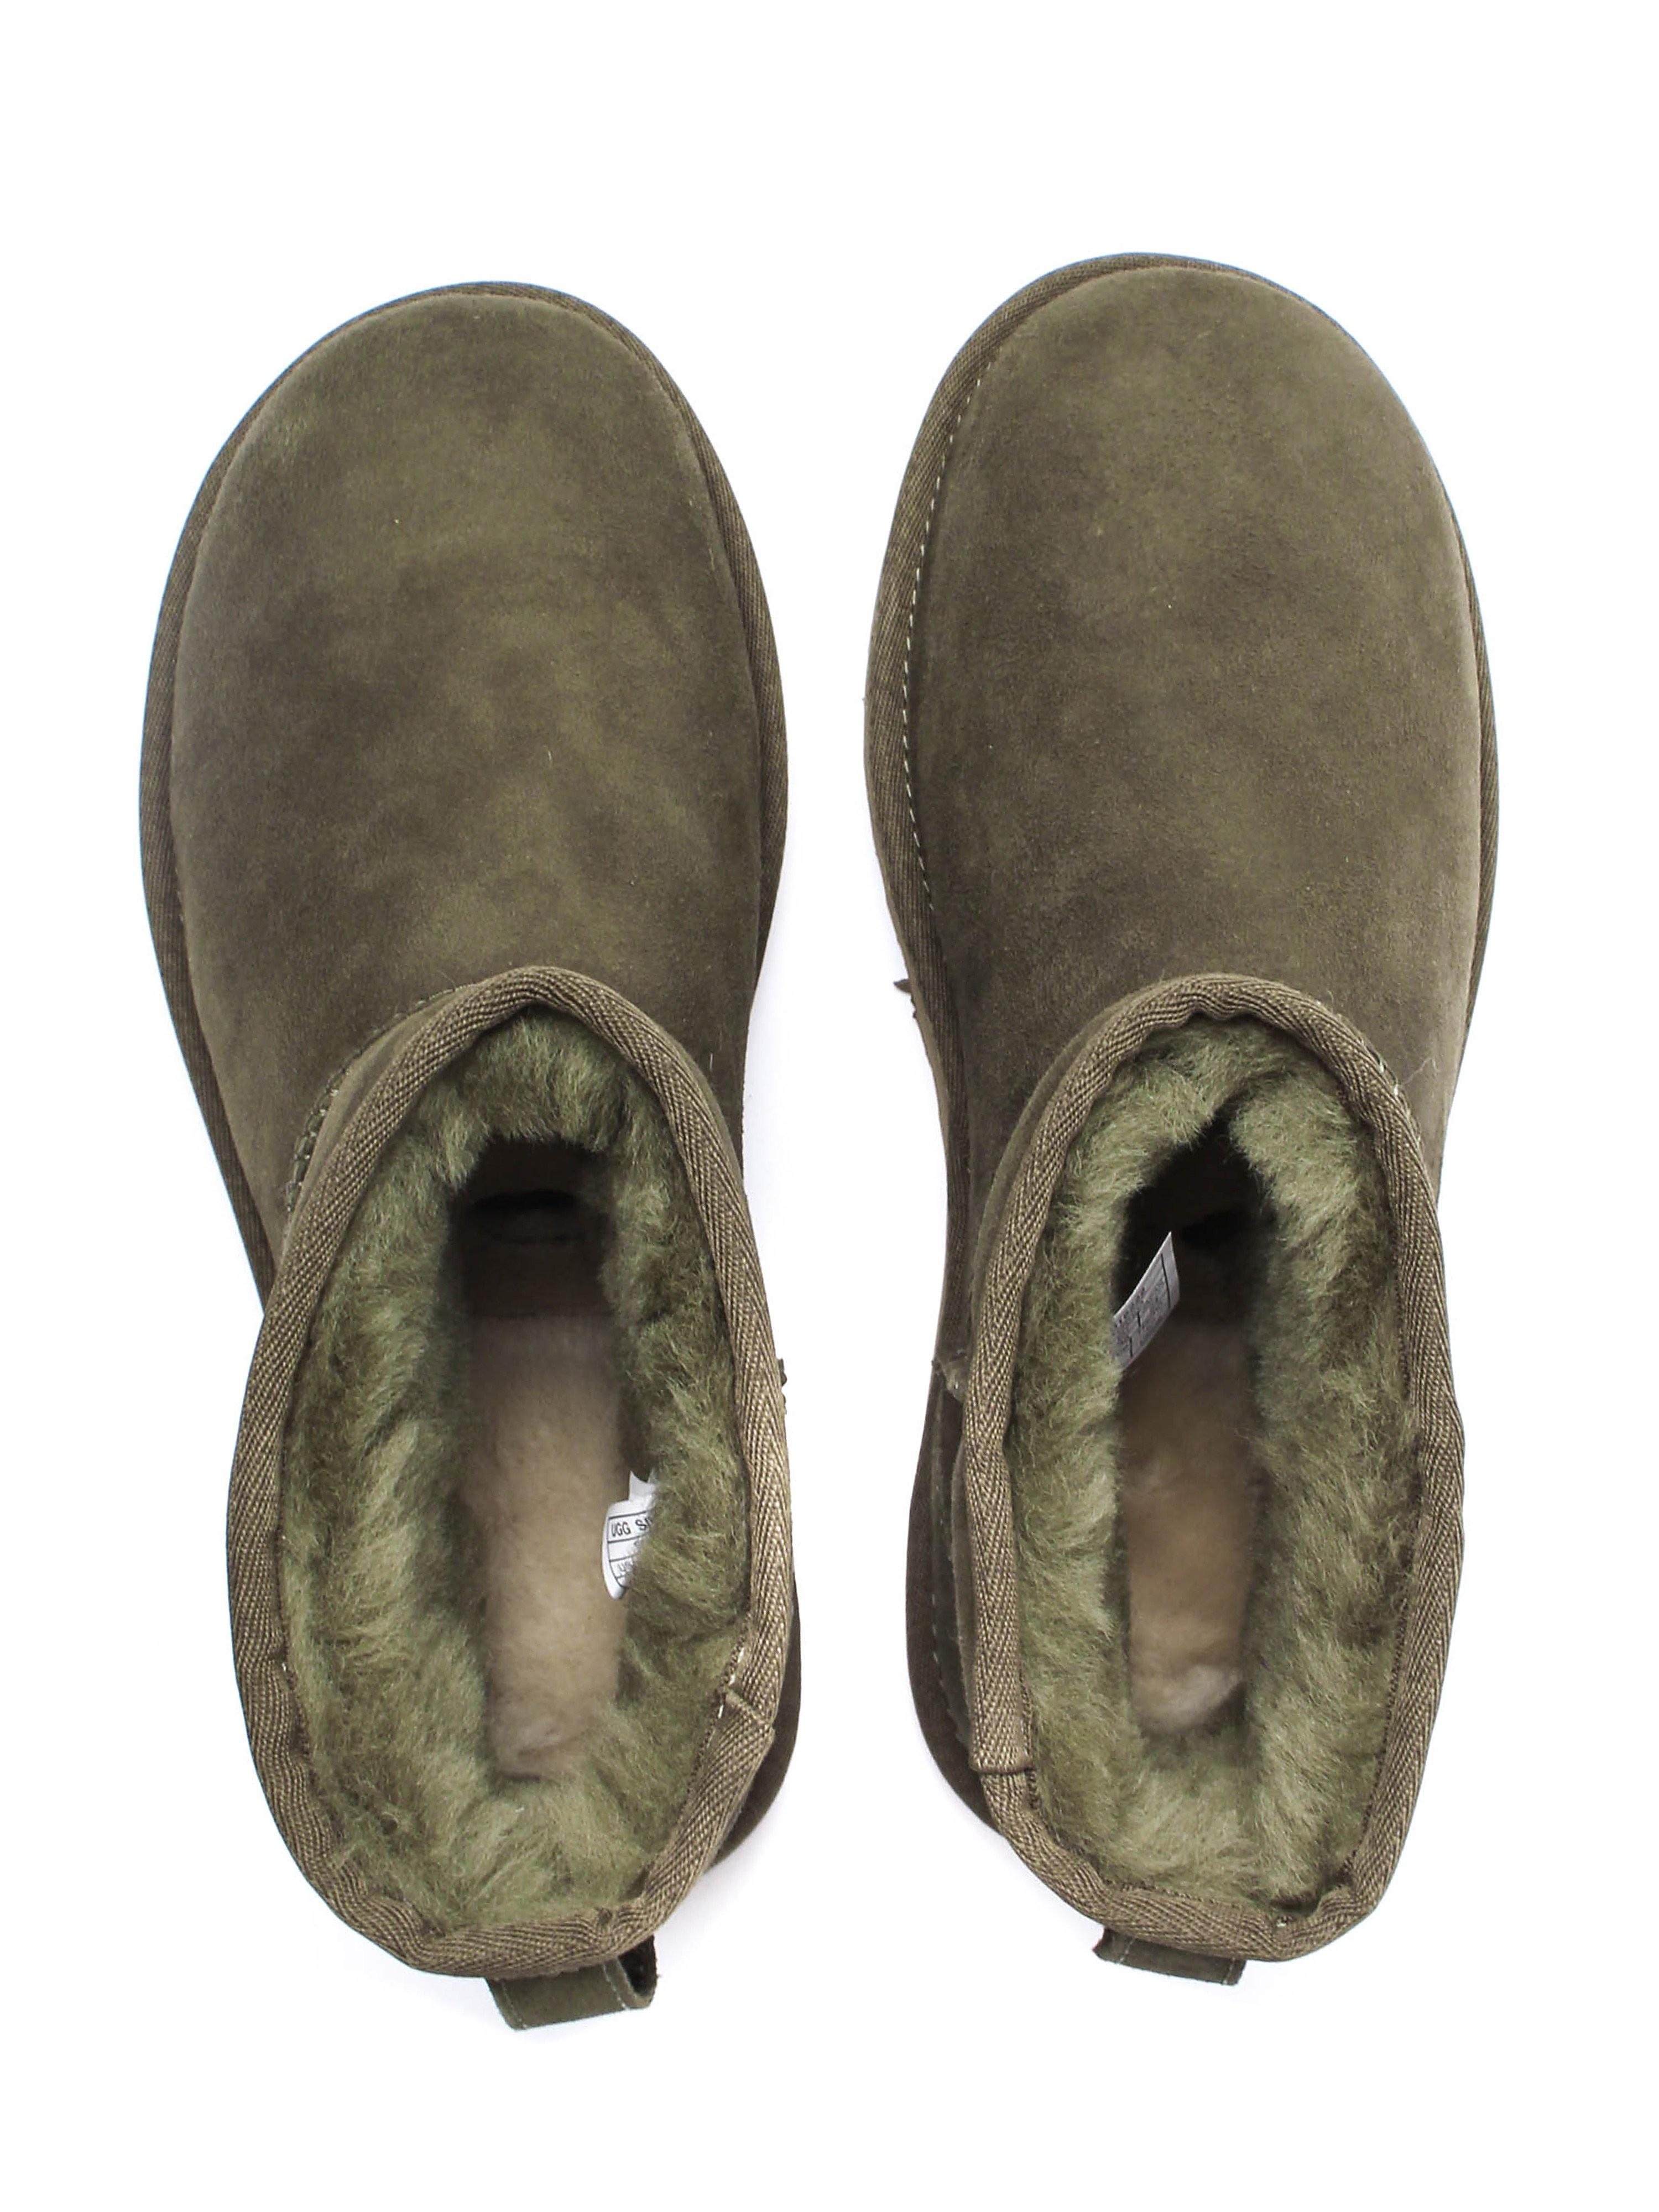 UGG Women's Classic Mini II Boots - Spruce